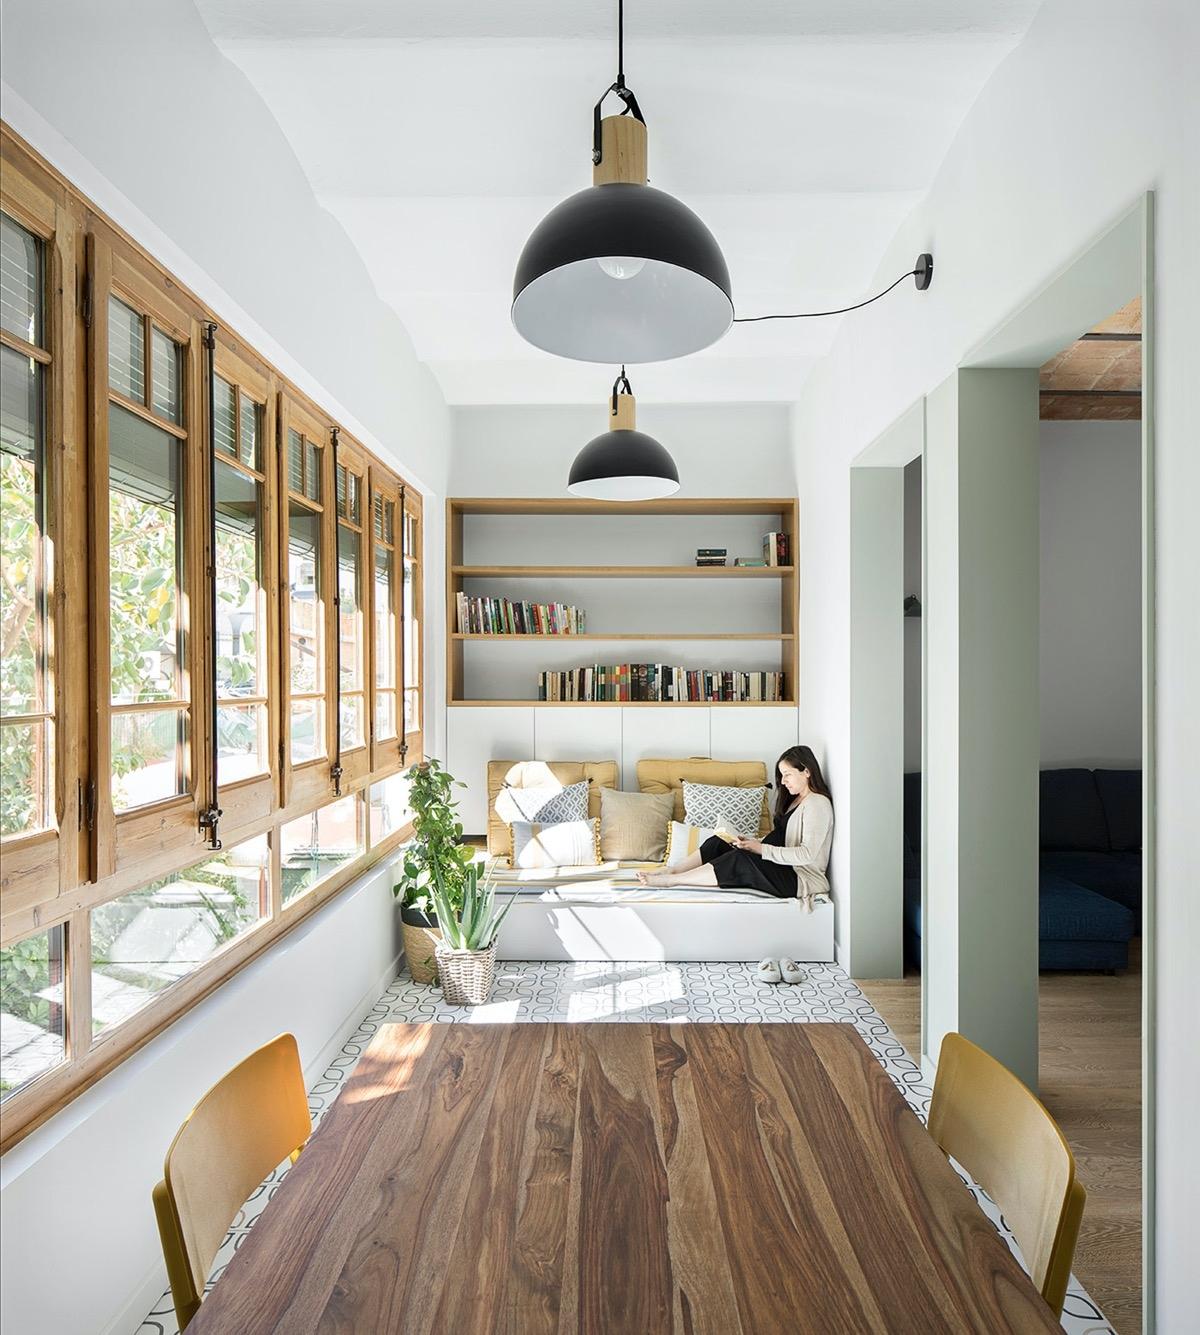 """Hãy tận dụng những ngóc ngách nhỏ nhất trong nhà bạn. Một góc nhà cũng có thể được """"hô biến"""" thành một khu đọc sách tuyệt đẹp."""